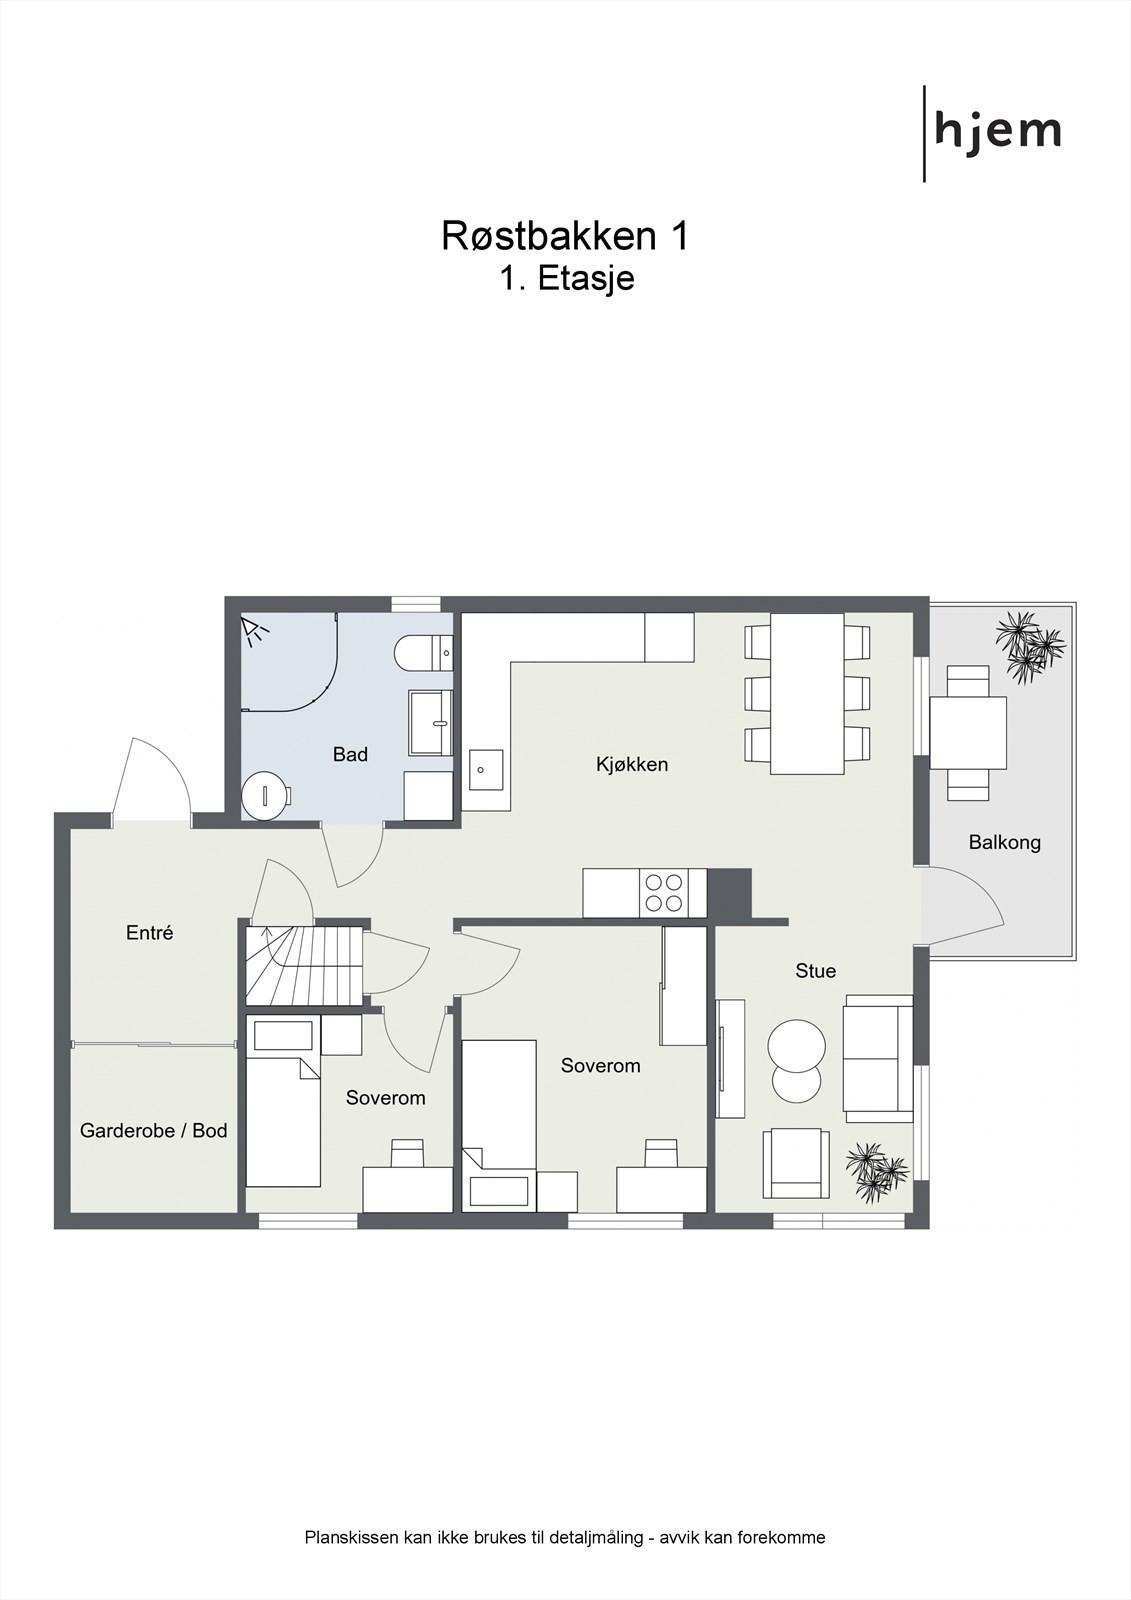 2 etasje (plan 1).